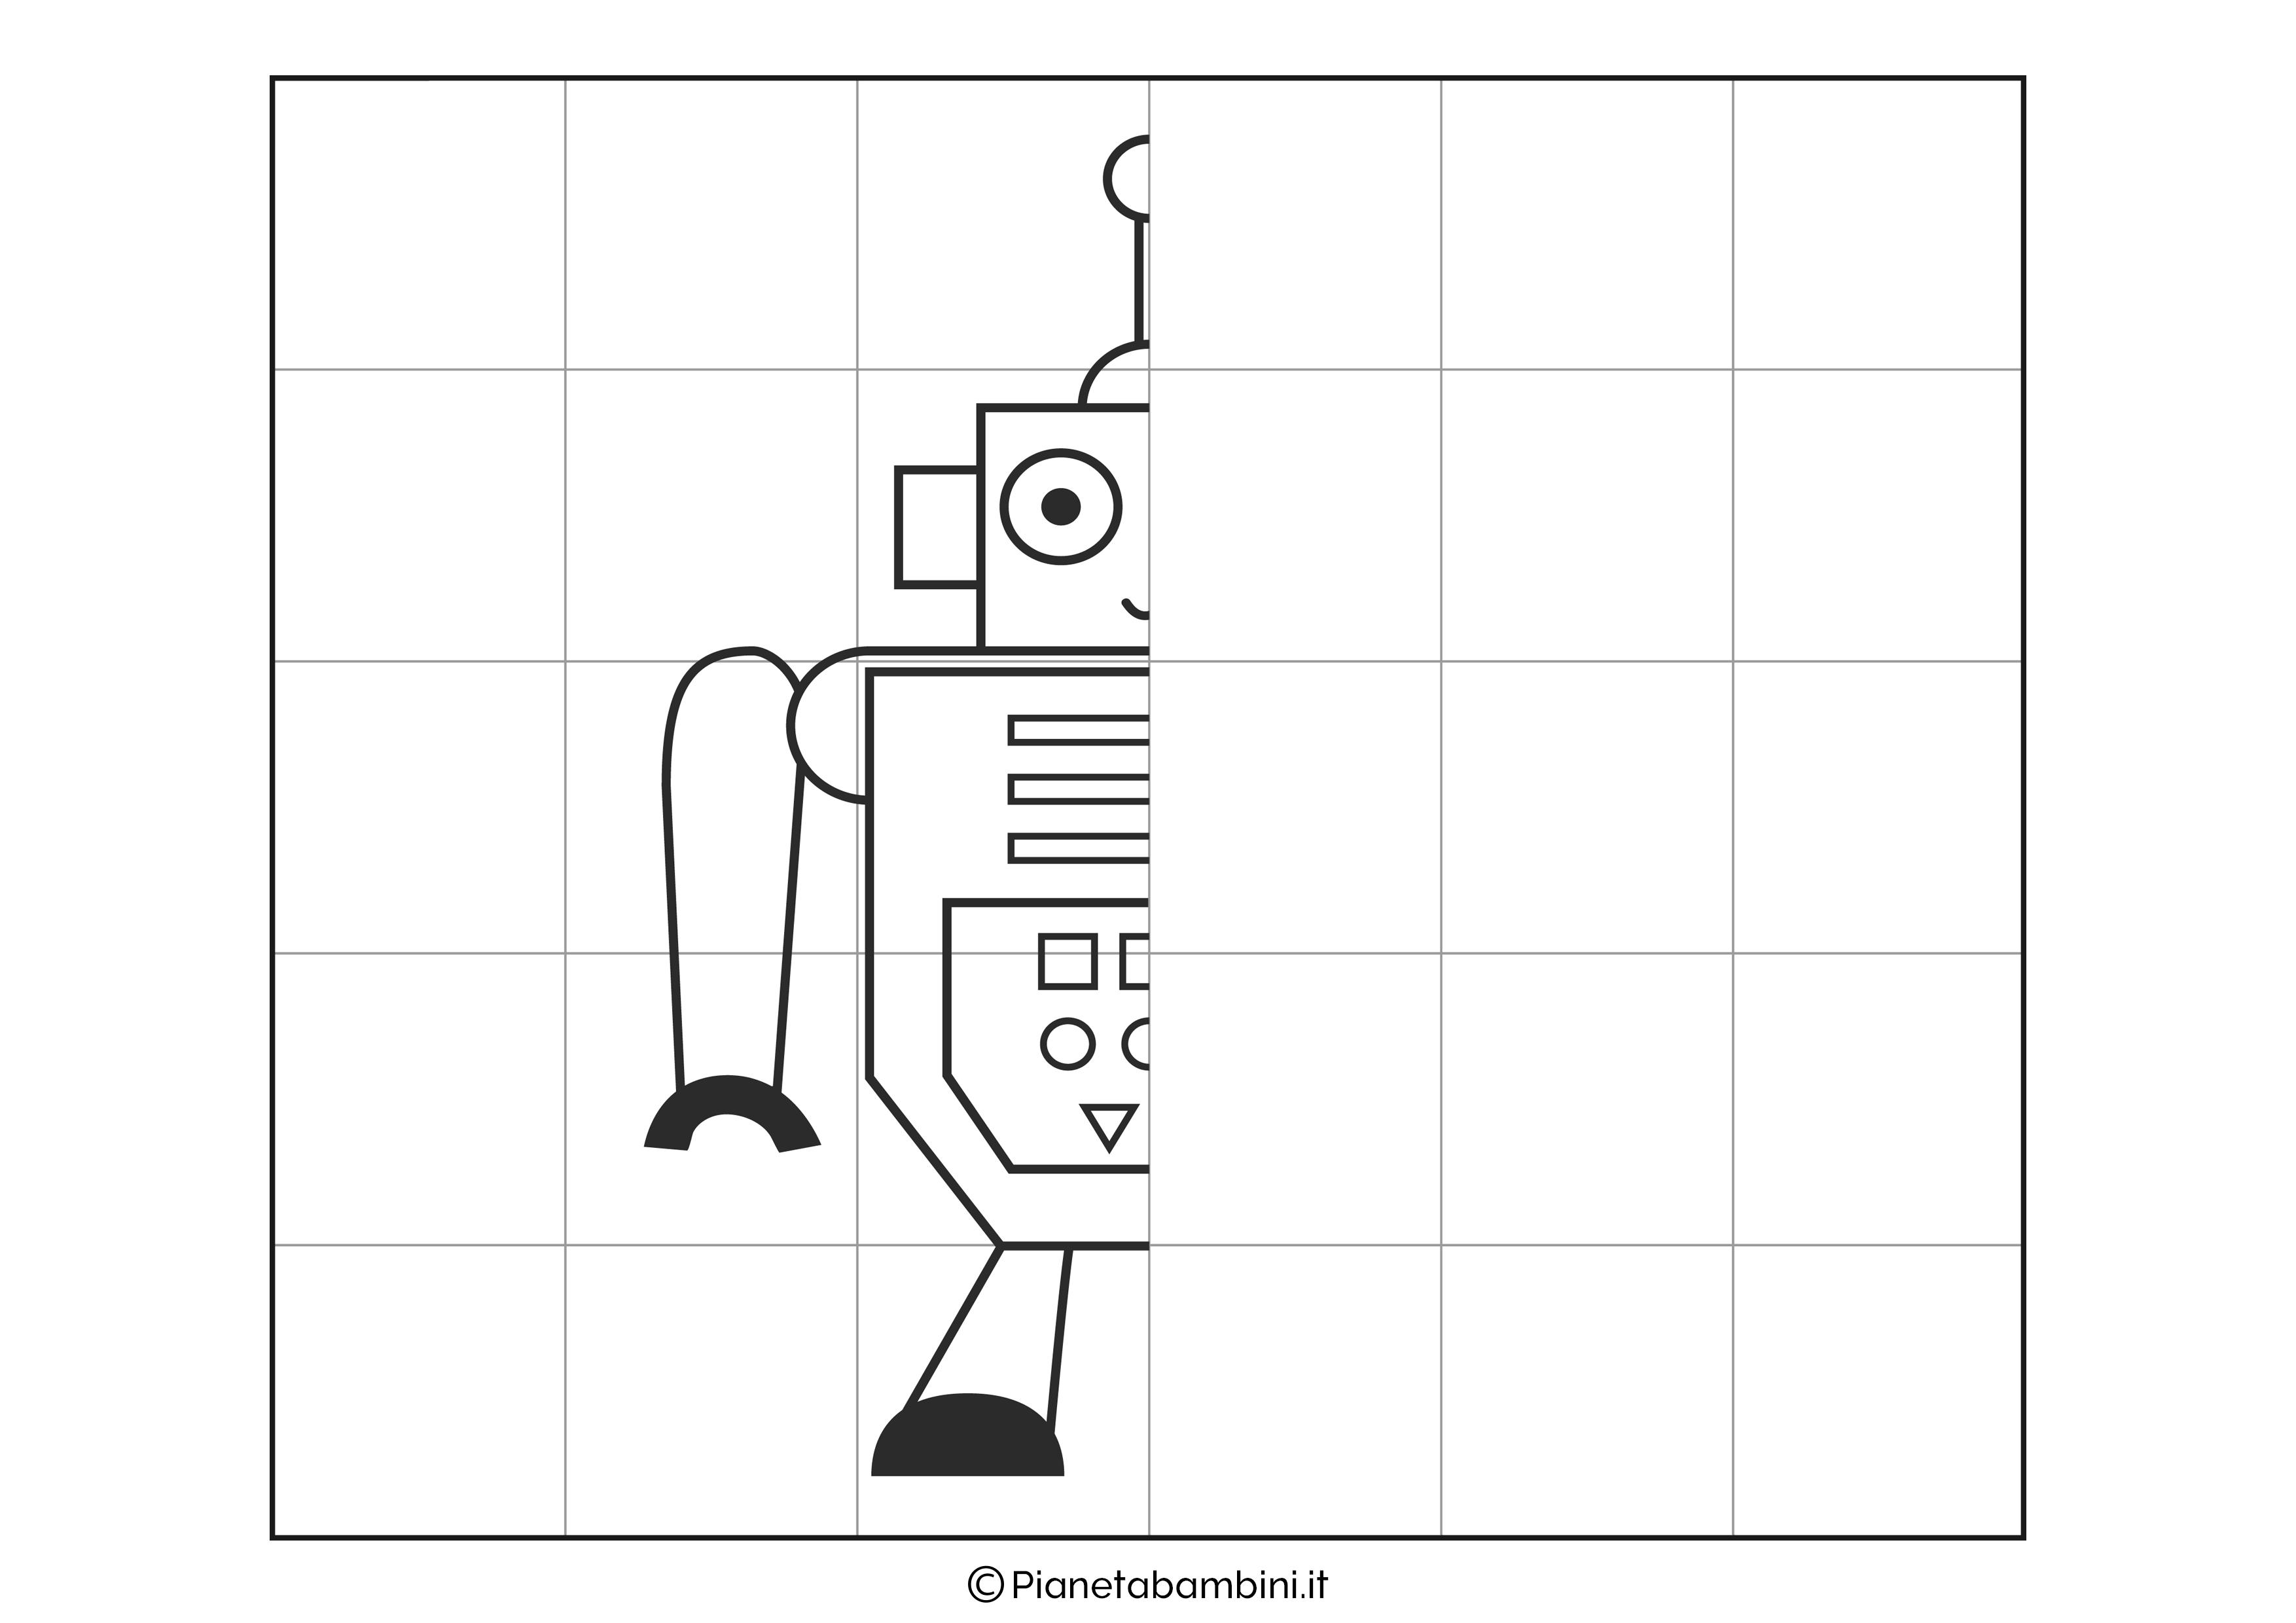 Disegno simmetrico sul robot 2 da completare